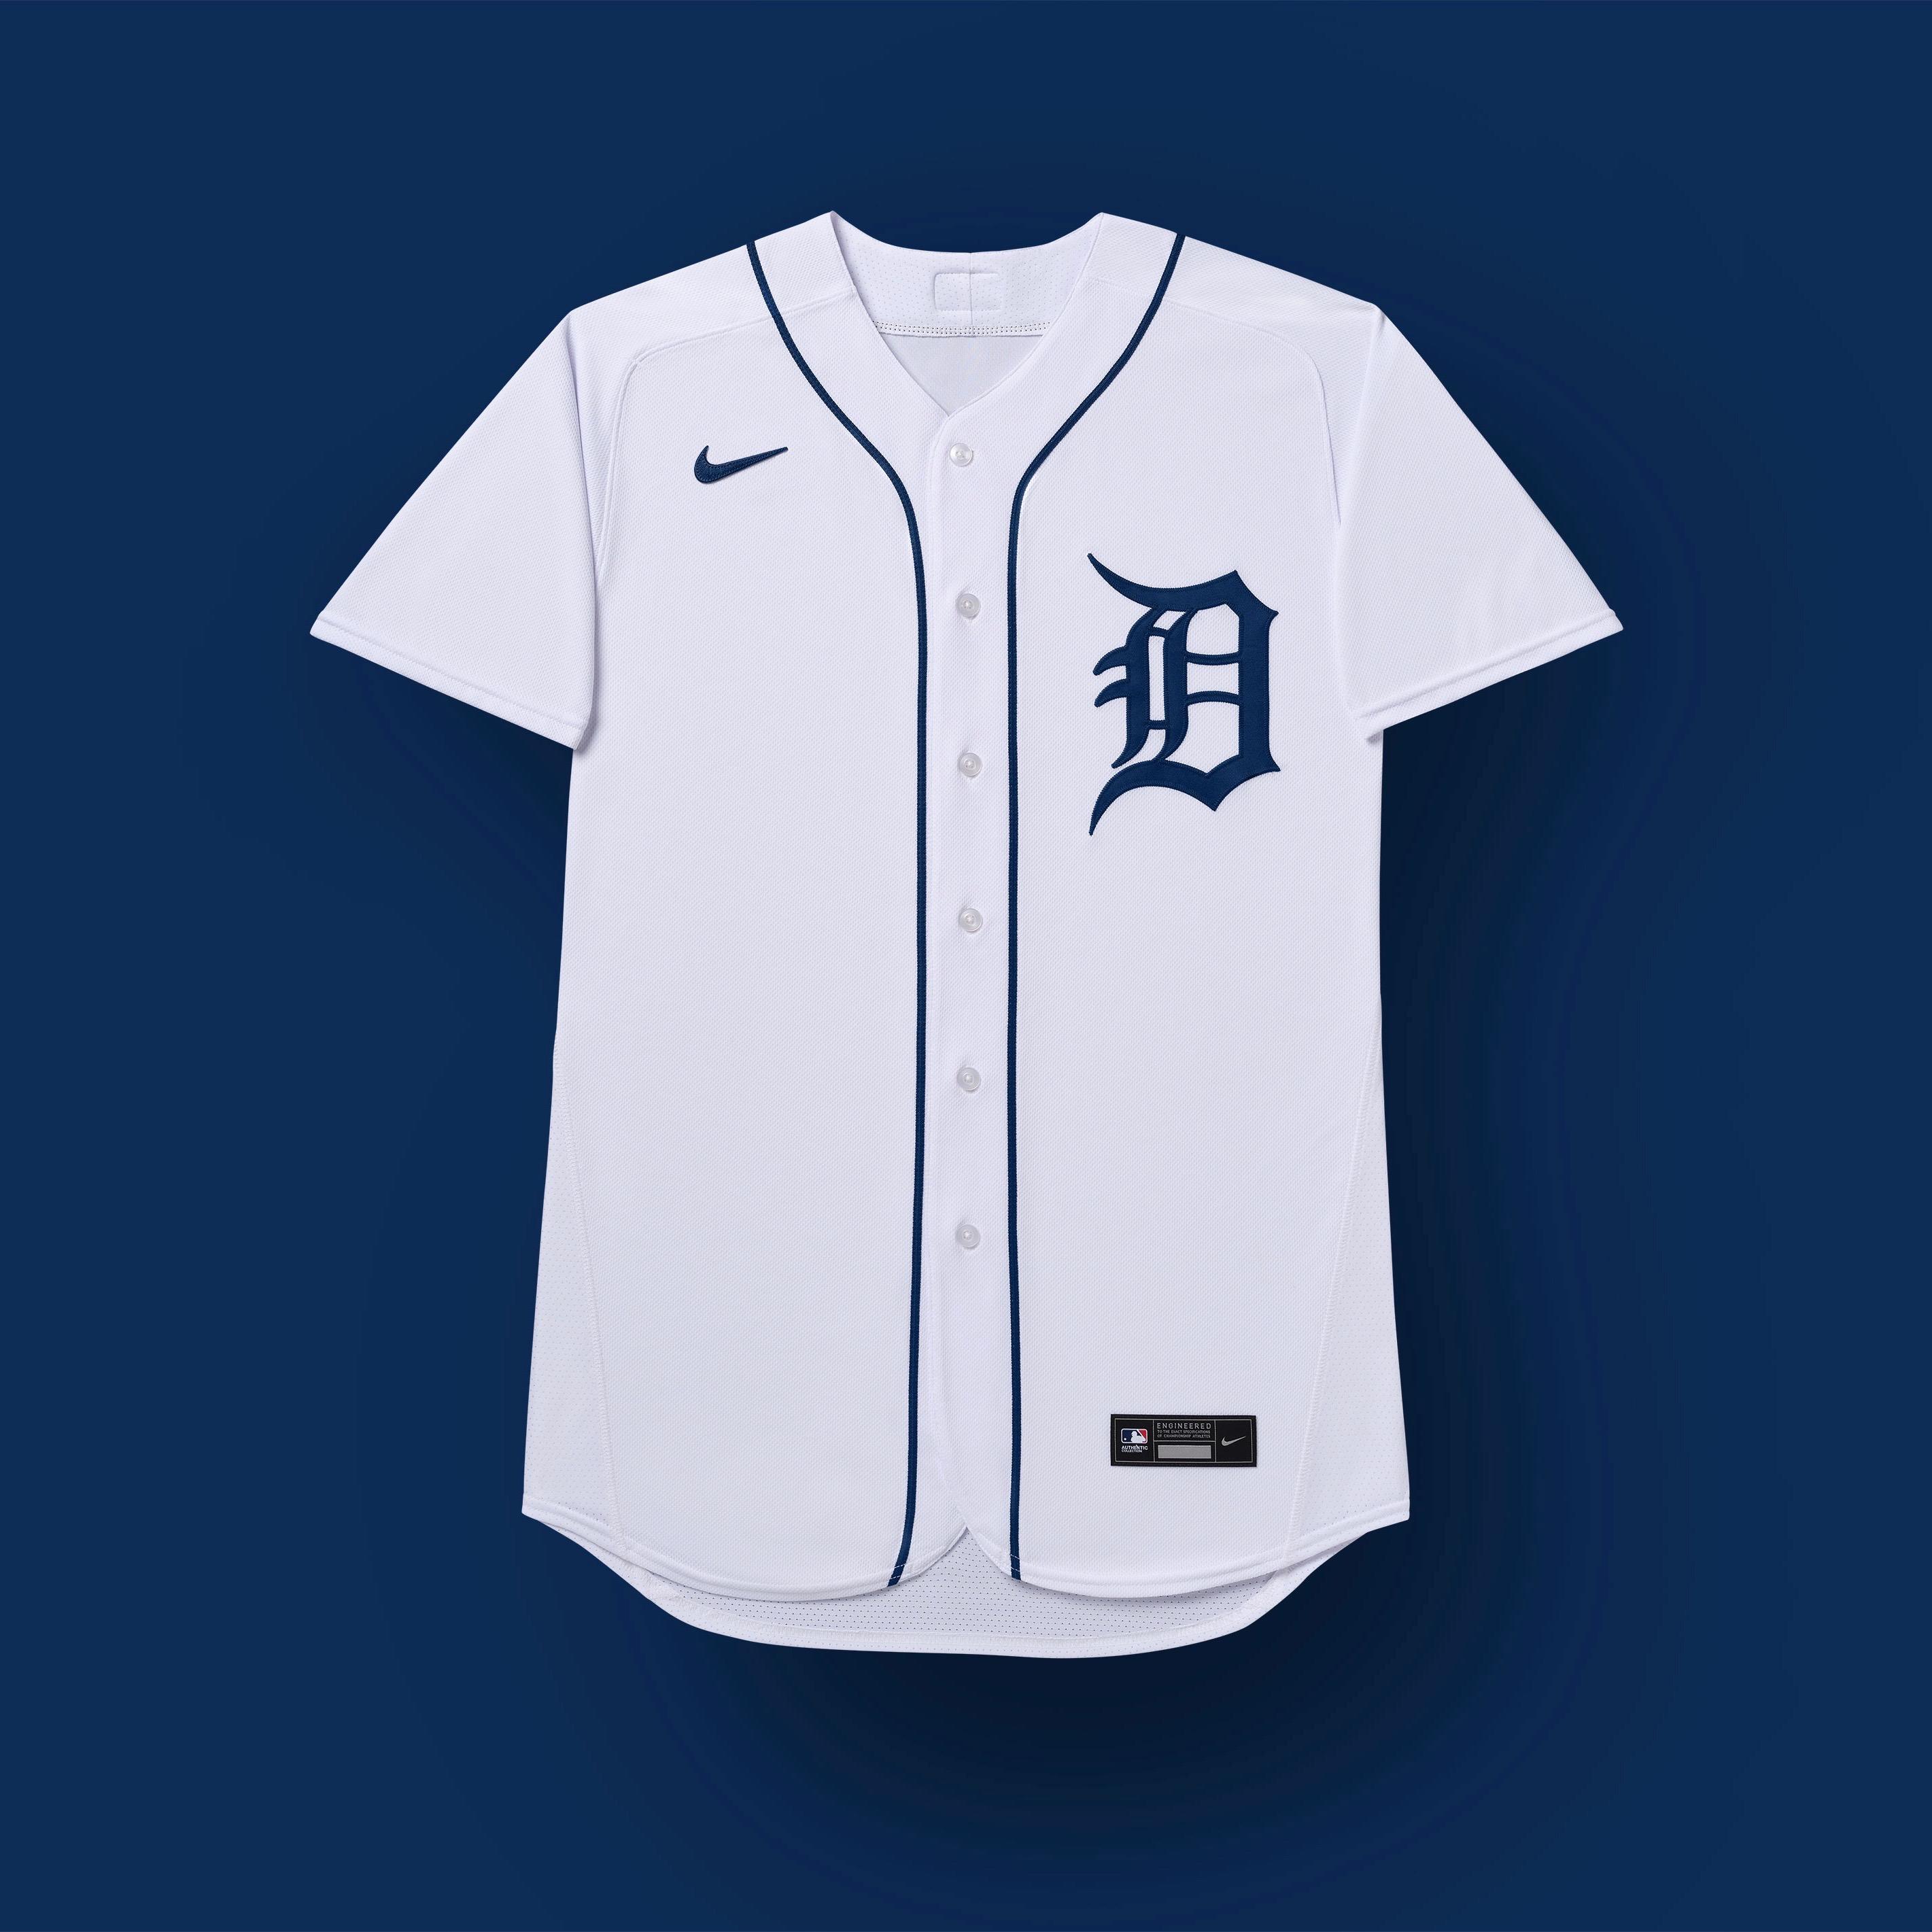 uniformes de los tigres 2020 de Detroit